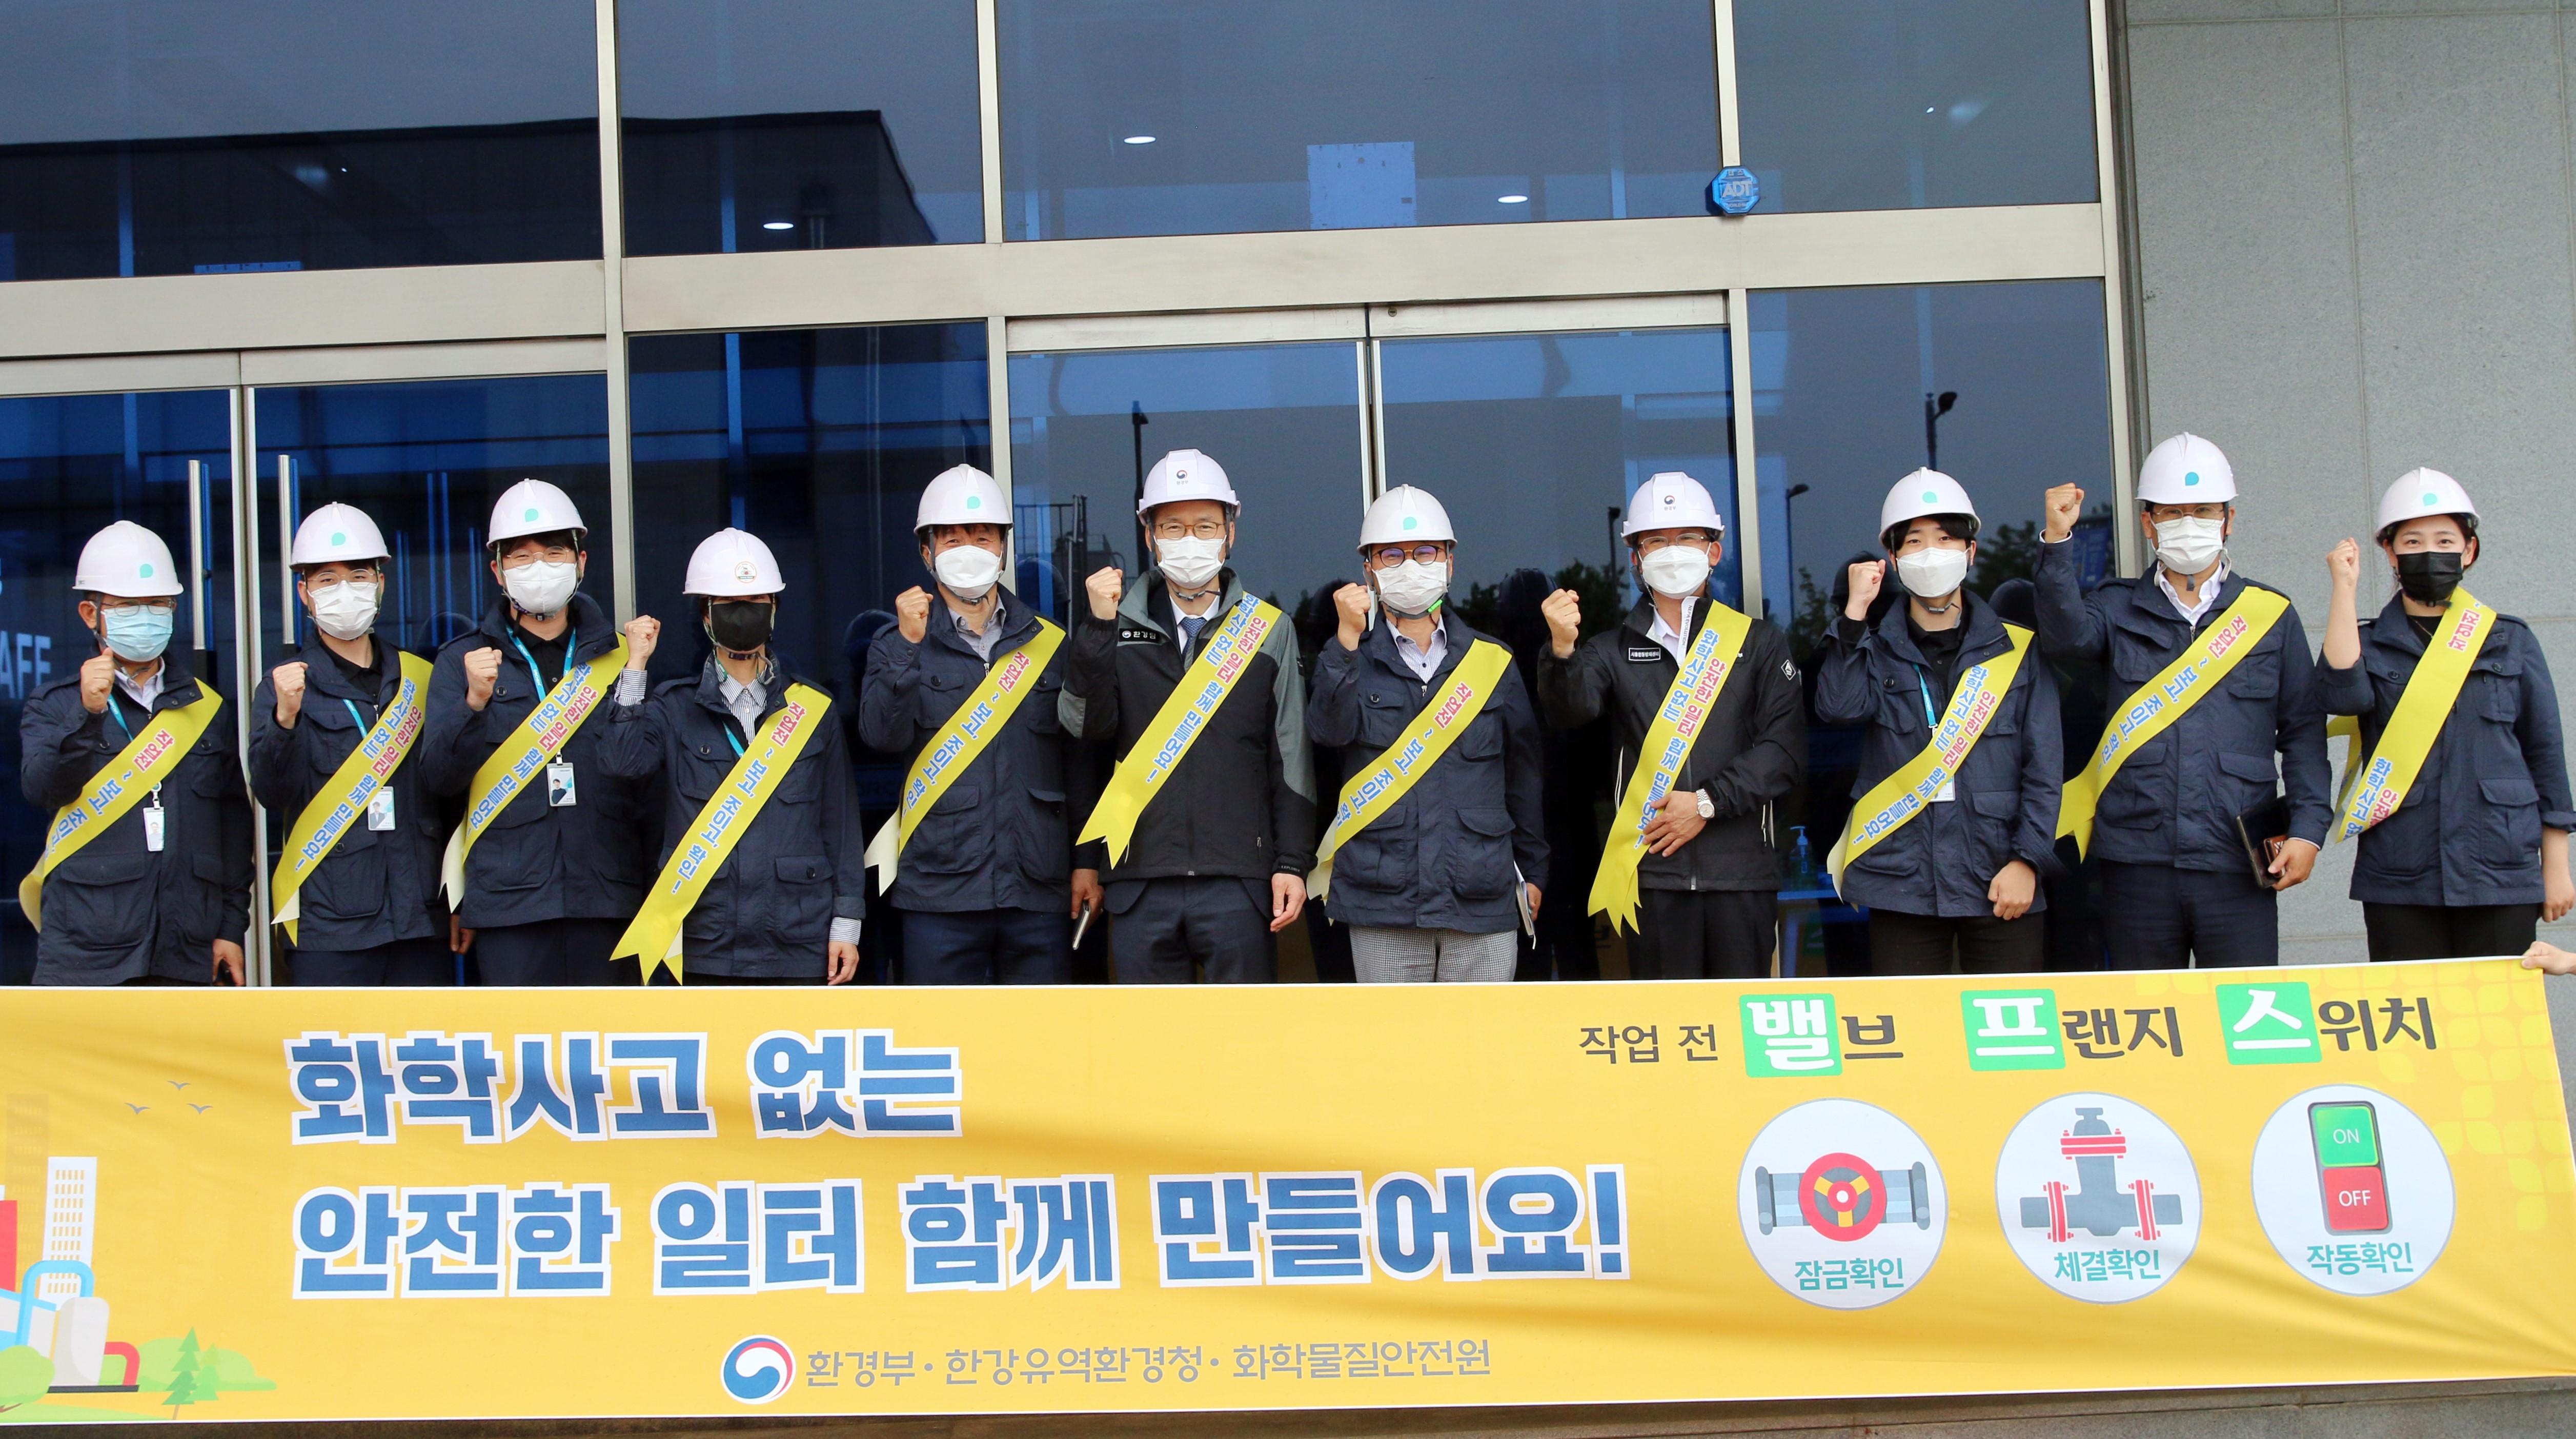 조희송 한강유역환경청장(사진 가운데)은 5월 20일, 경기도 안산 소재 ㈜오알켐을 방문하여 밸프스 안전캠페인을 실시하였다.